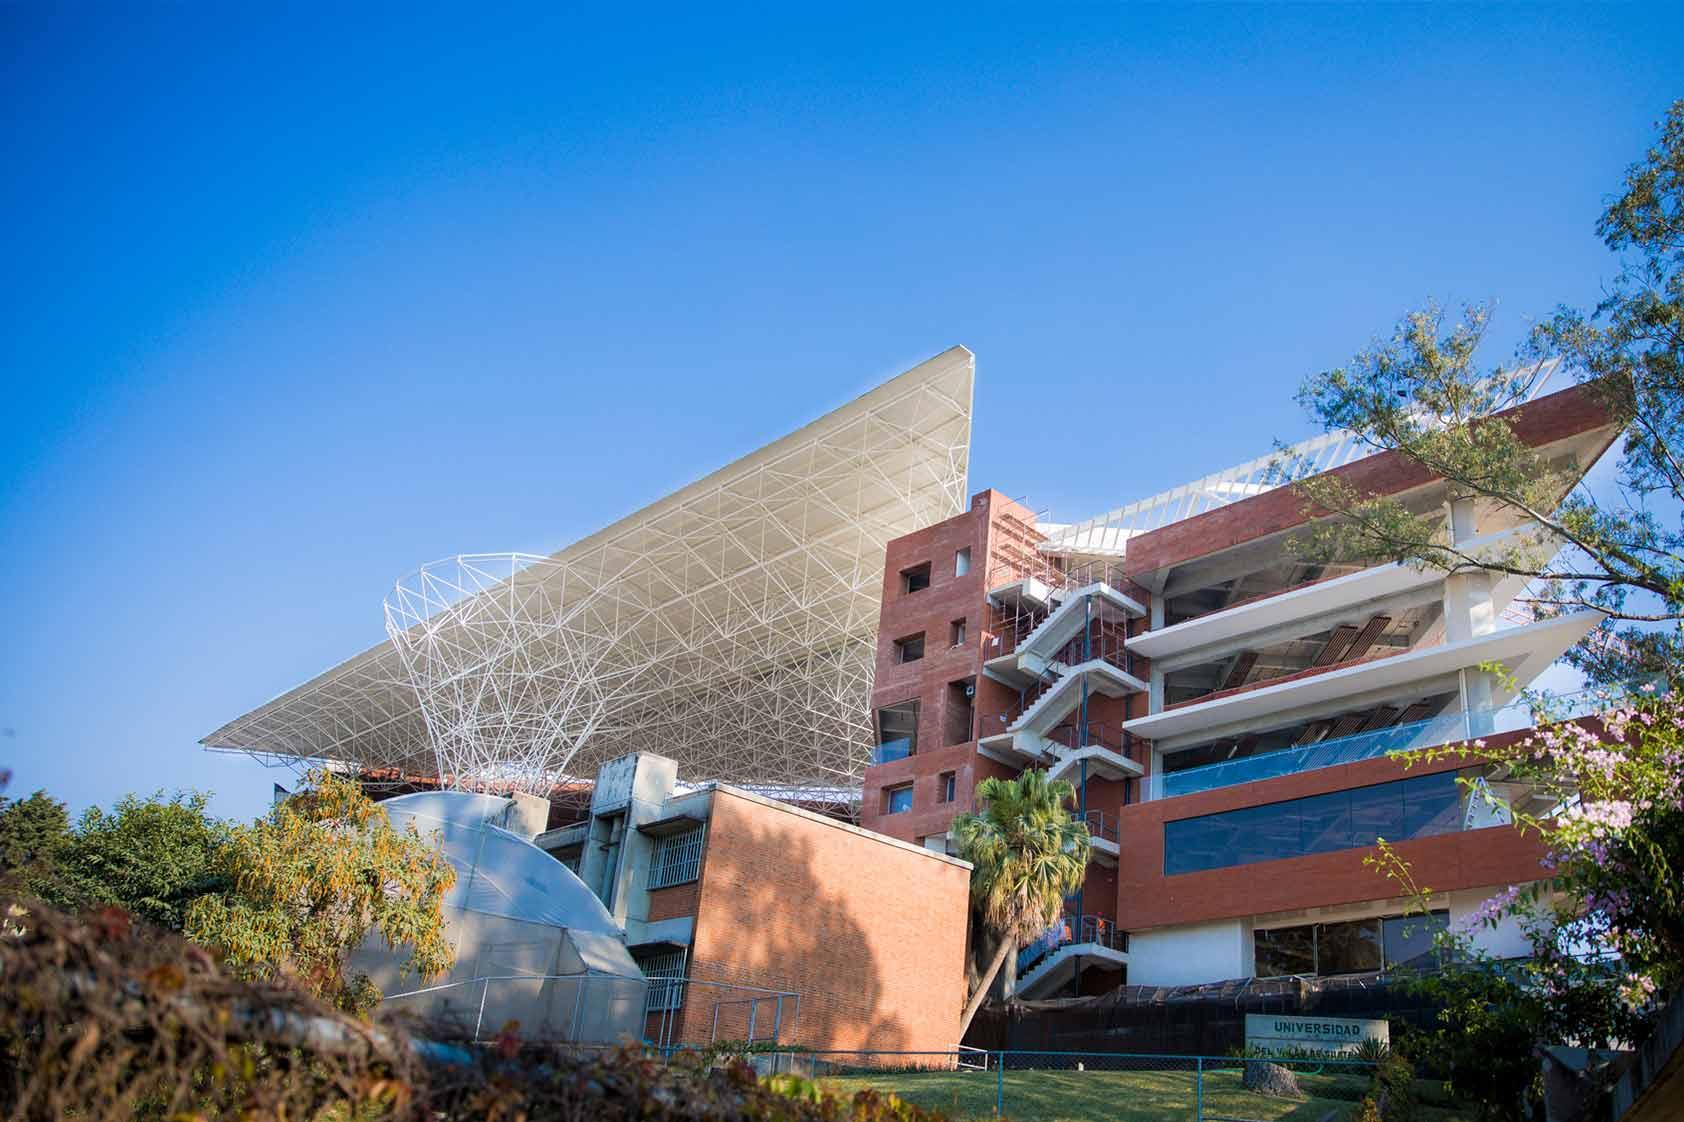 ¿Qué tendrá el Laboratorio de Tecnología, Arte y Diseño del CIT?